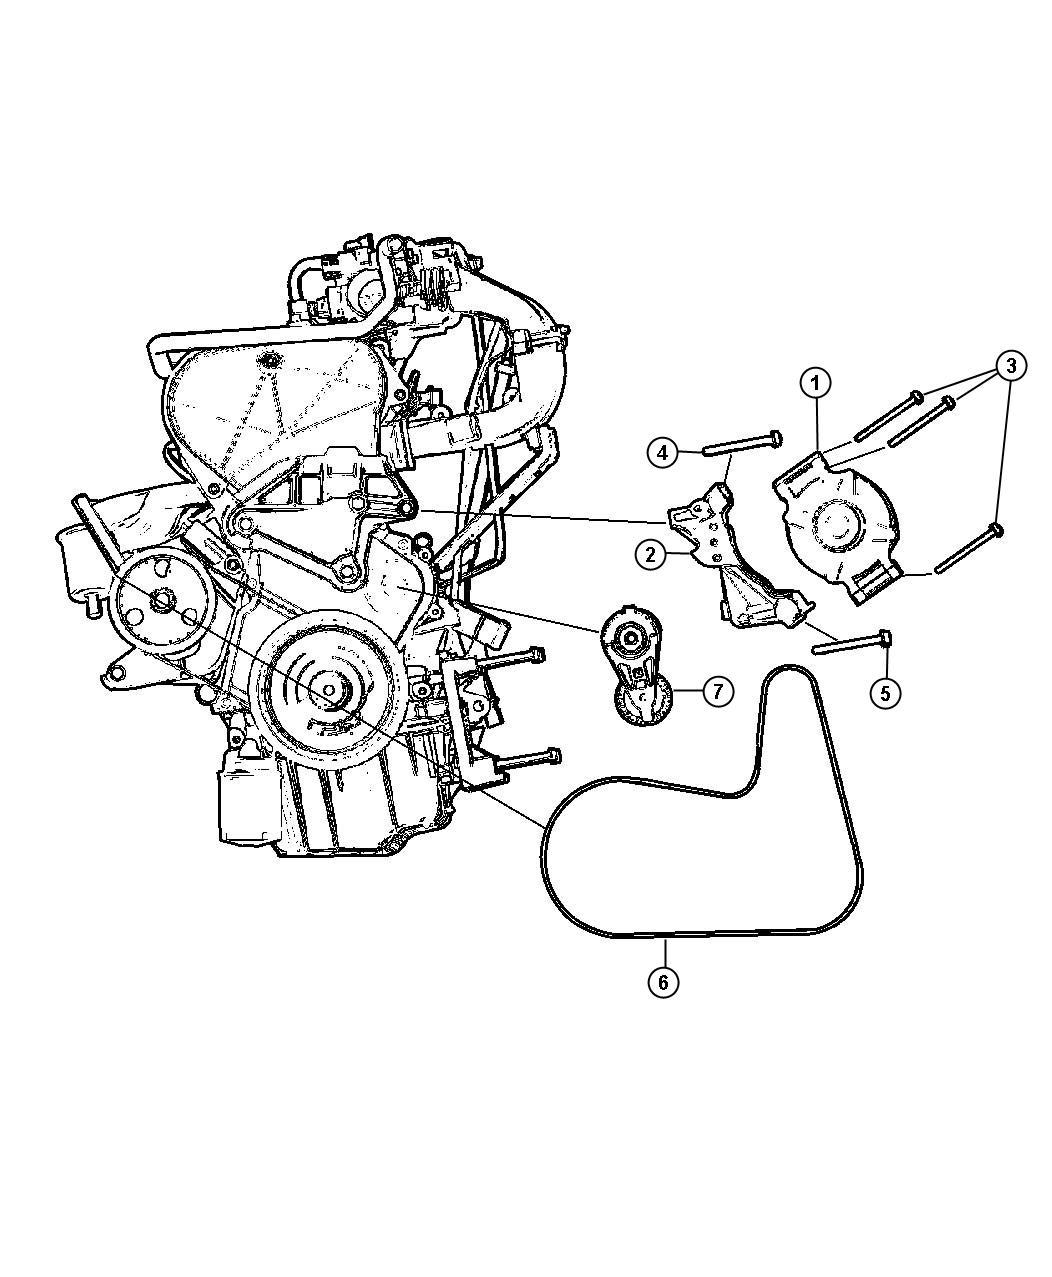 Chrysler Voyager Belt Alternator Drive Used For